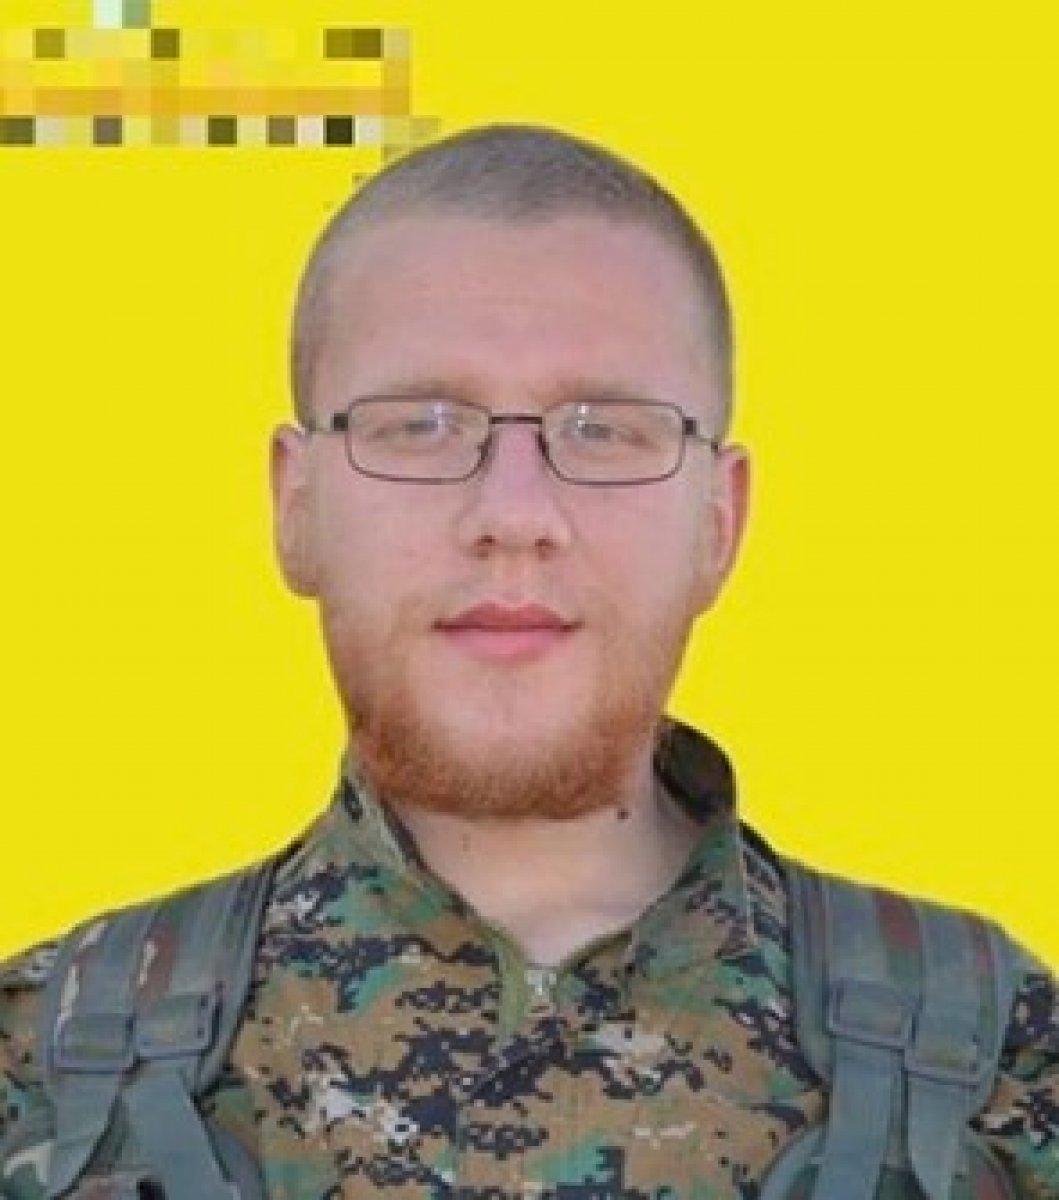 Almanya'dan YPG'ye katılan terörist öldürüldü